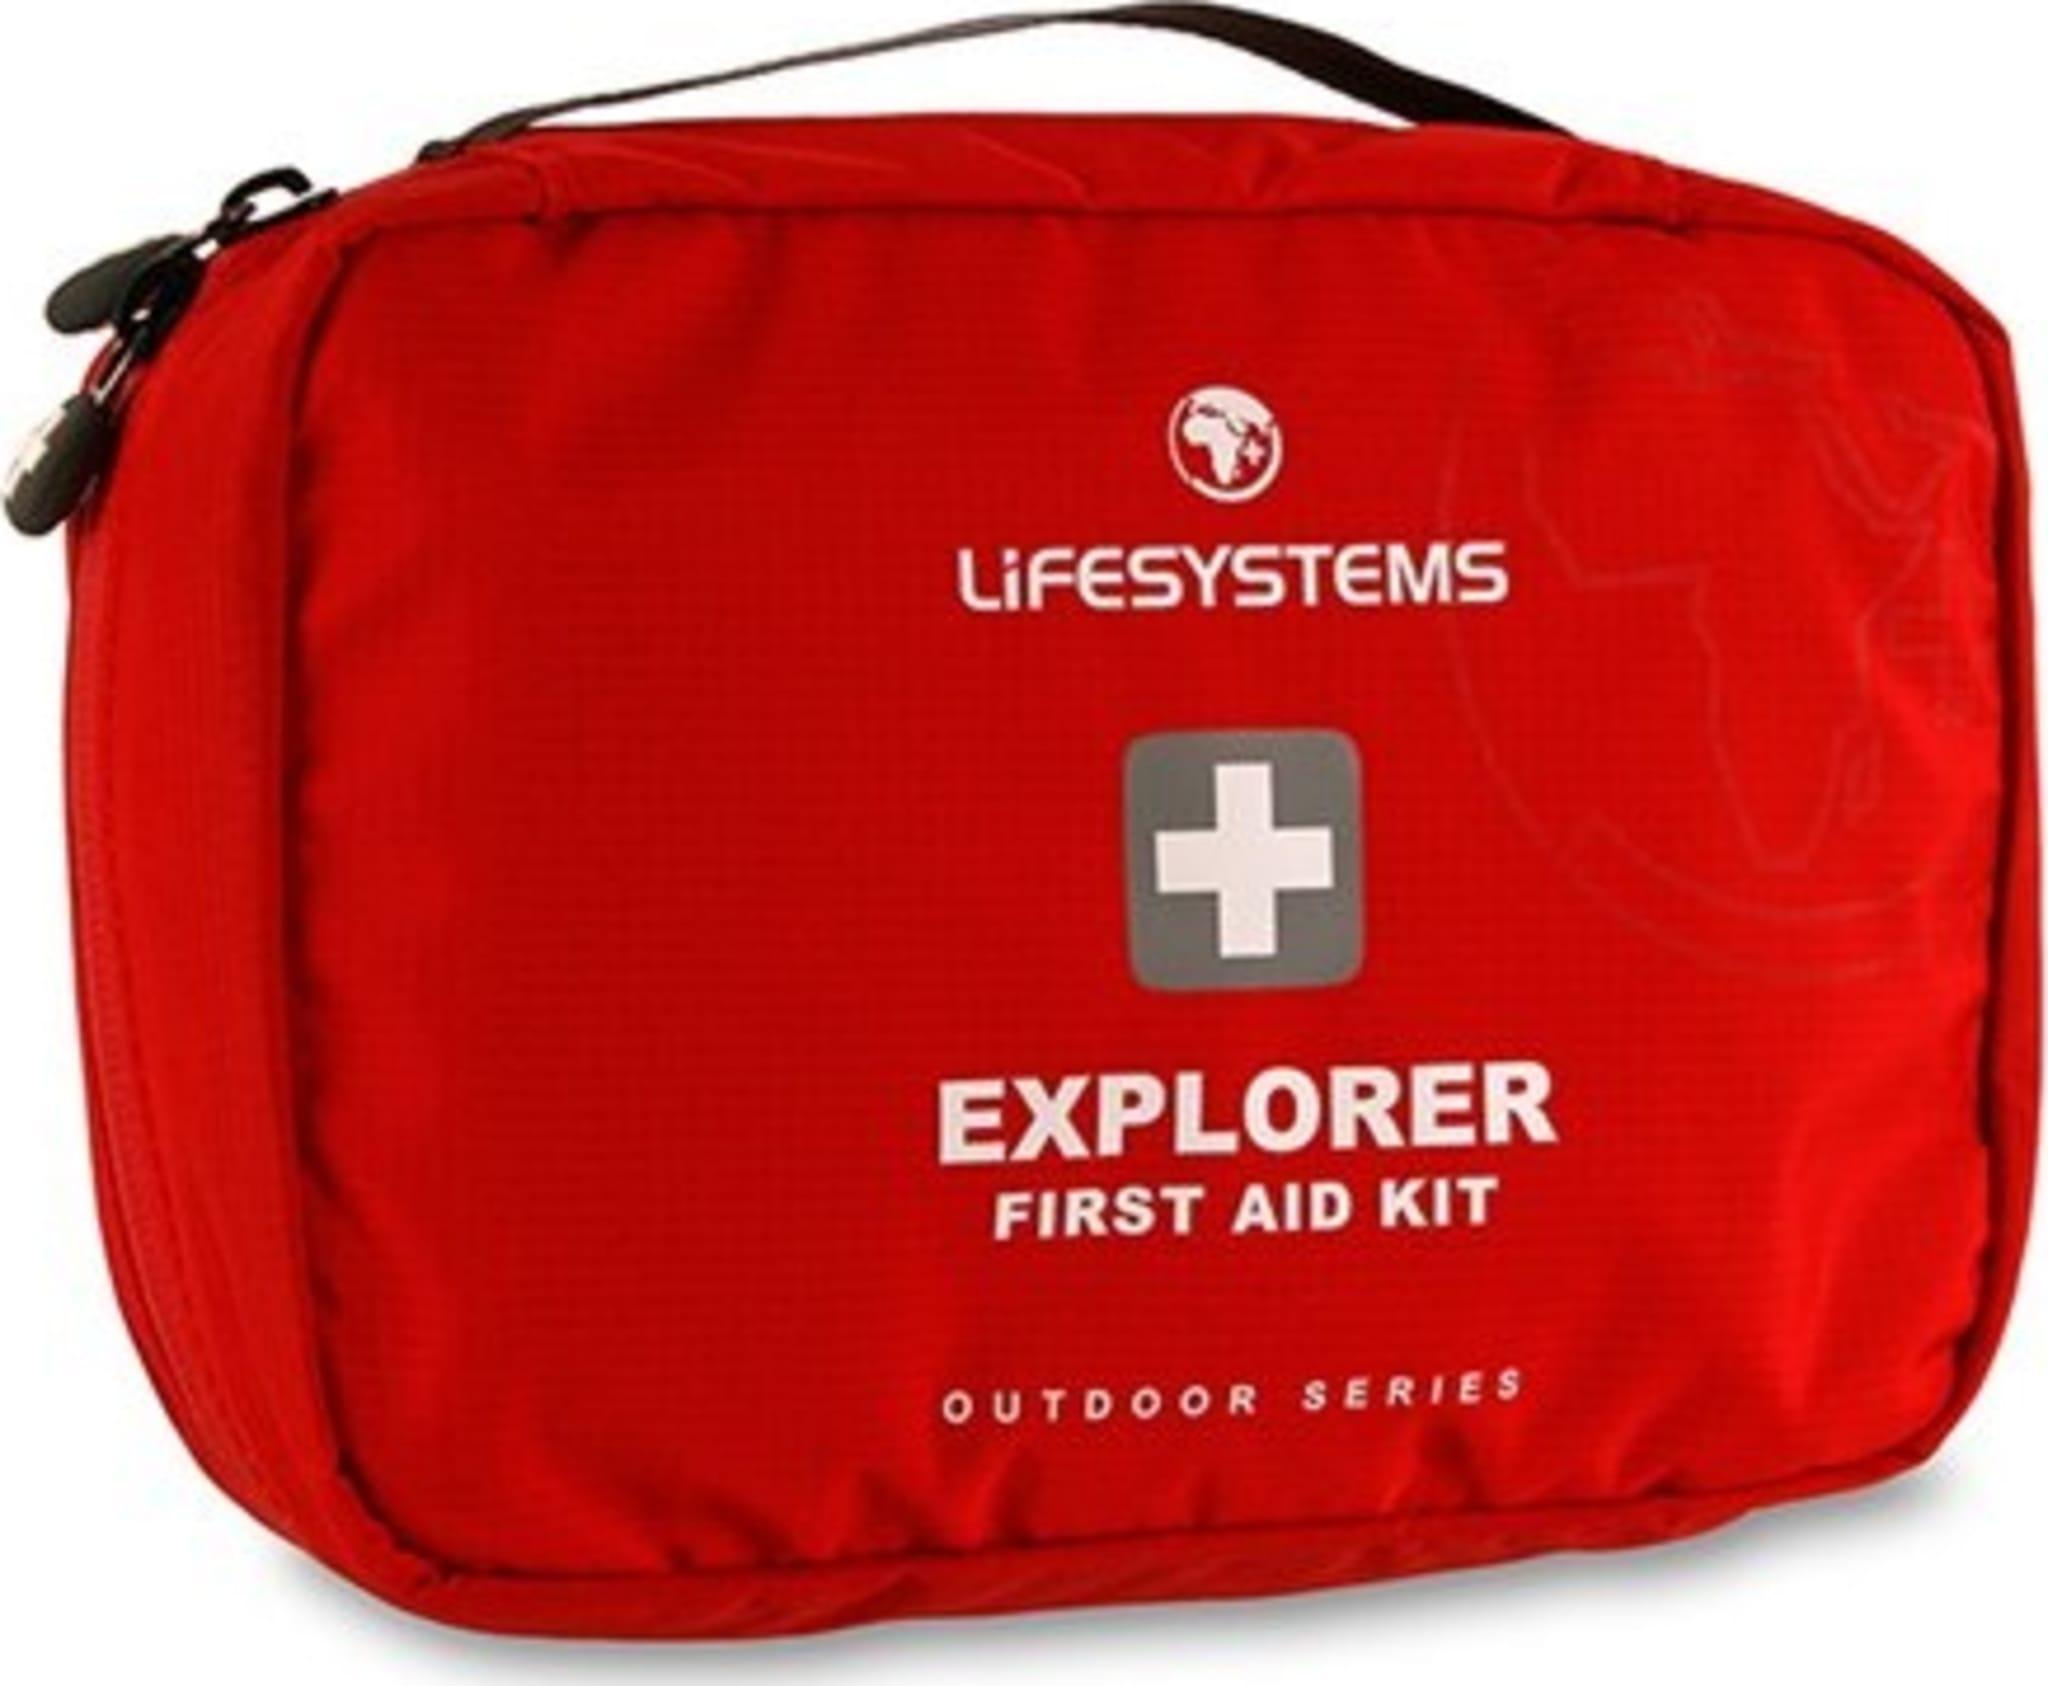 Førstehjelpsutstyr for generelt friluftsliv, i praktisk veske.